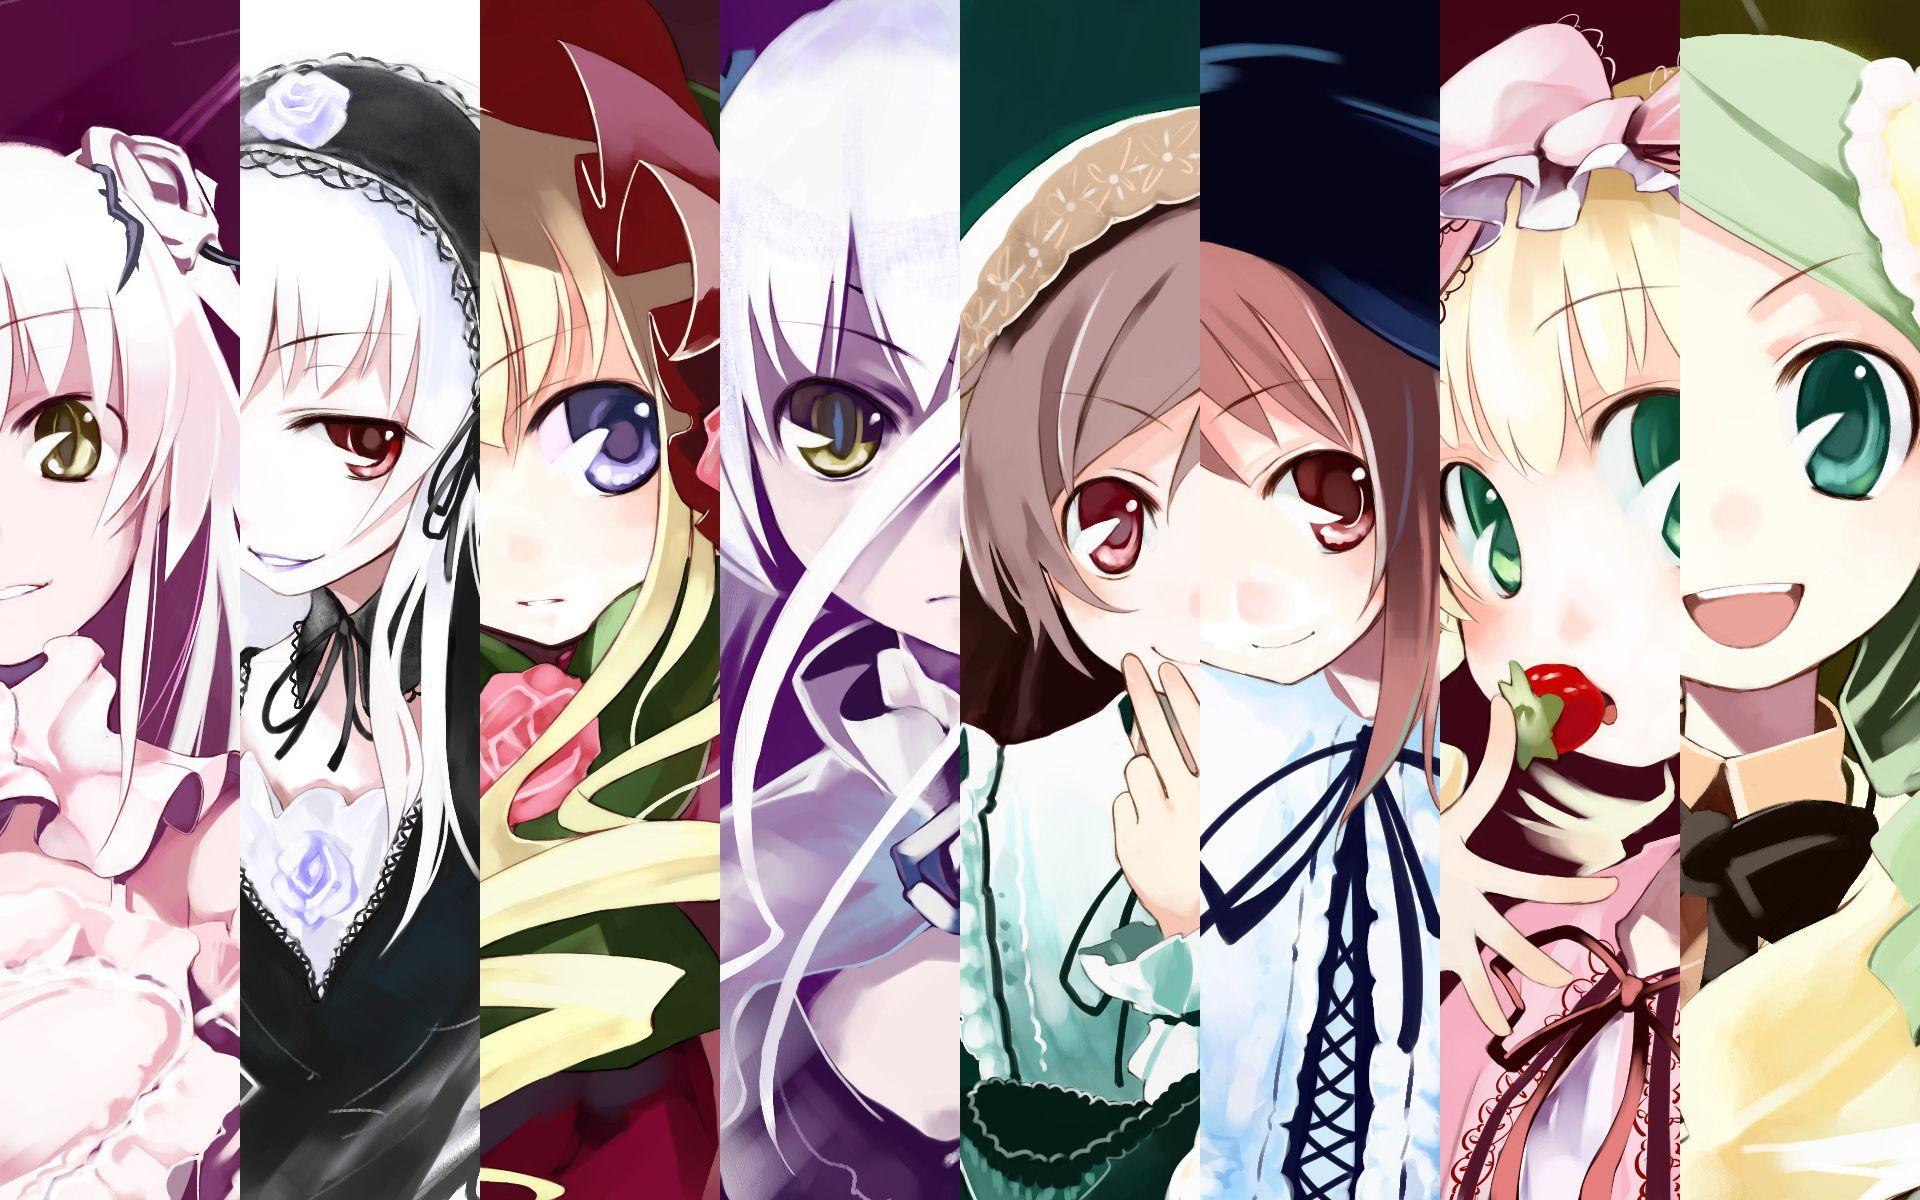 Konachan.com - 61014 barasuishou group hina_ichigo kanaria kirakishou rozen_maiden shinku souseiseki suigintou suiseiseki